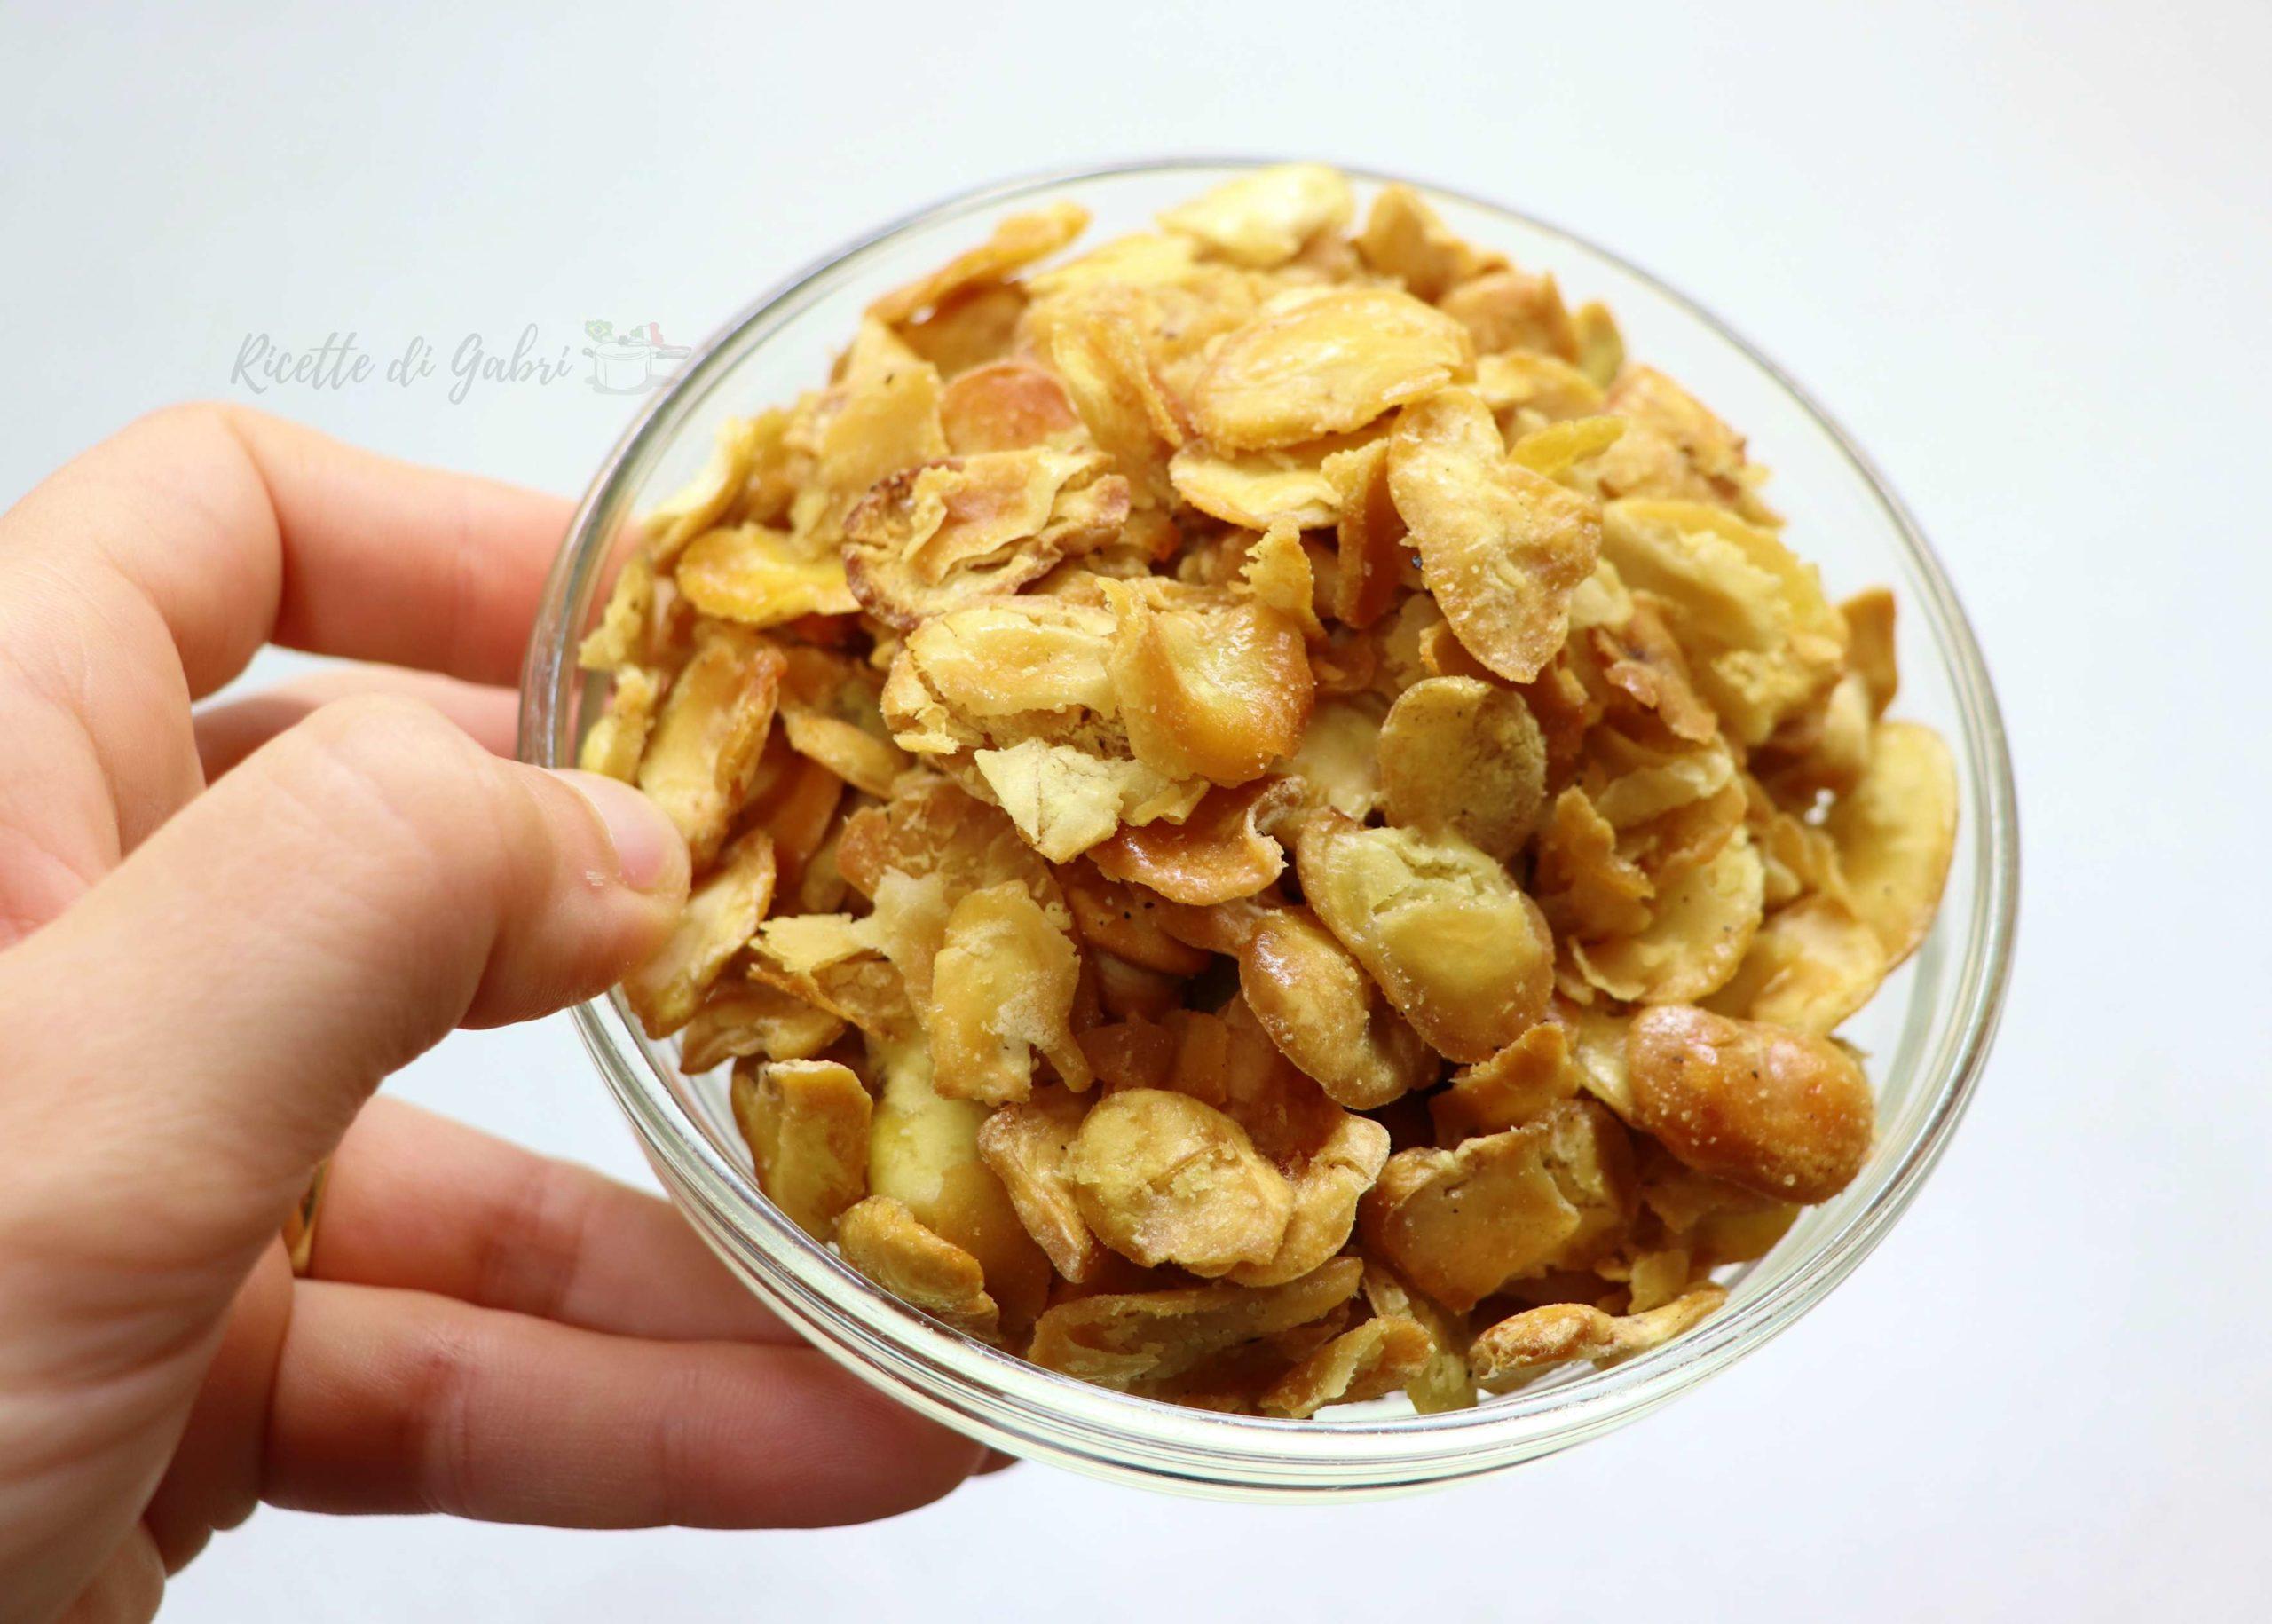 Fave favolose al forno ricetta facile antipasto snack sano ricette di gabri